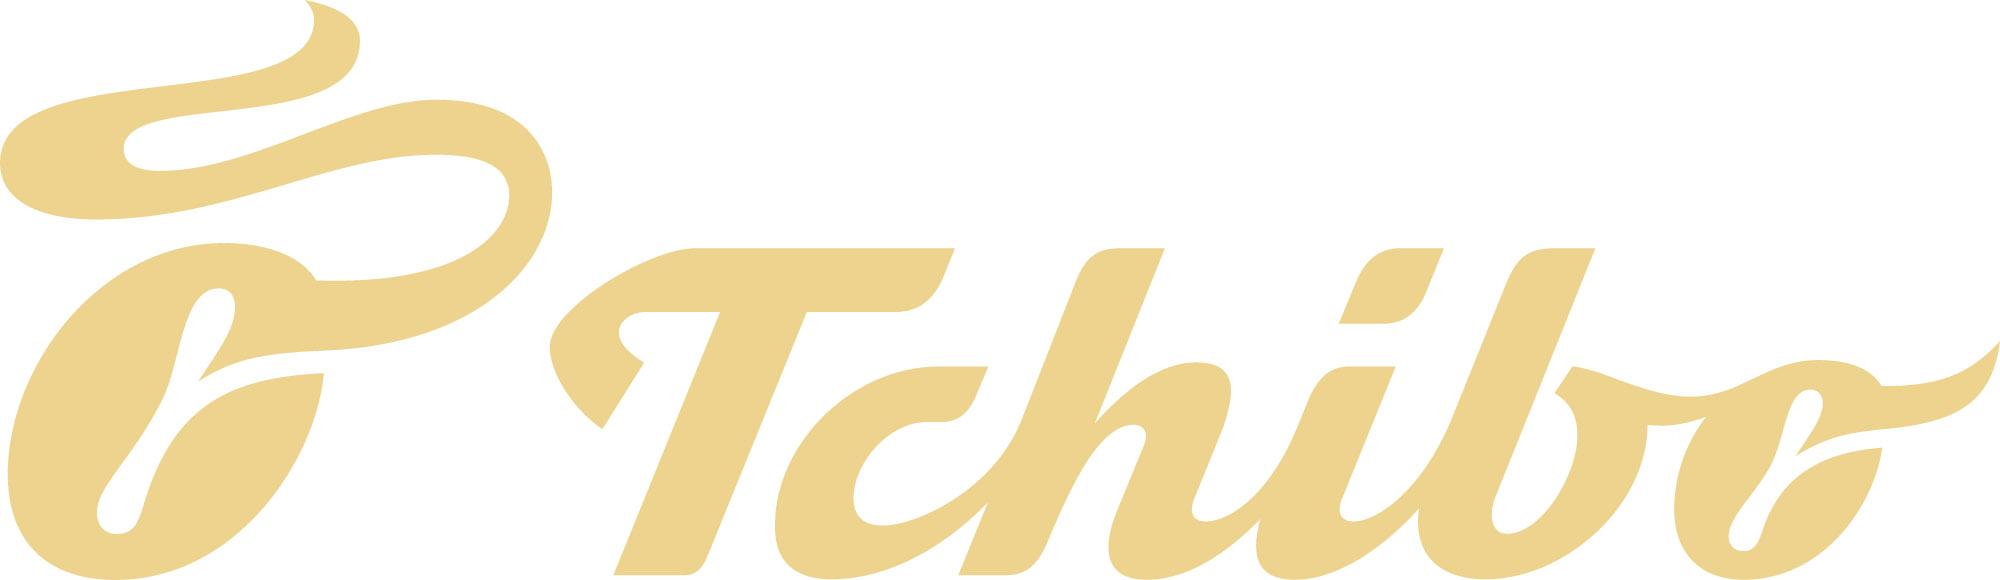 Gewinnen Sie mit Tchibo Wäsche, die Spaß macht! - Sponsor logo